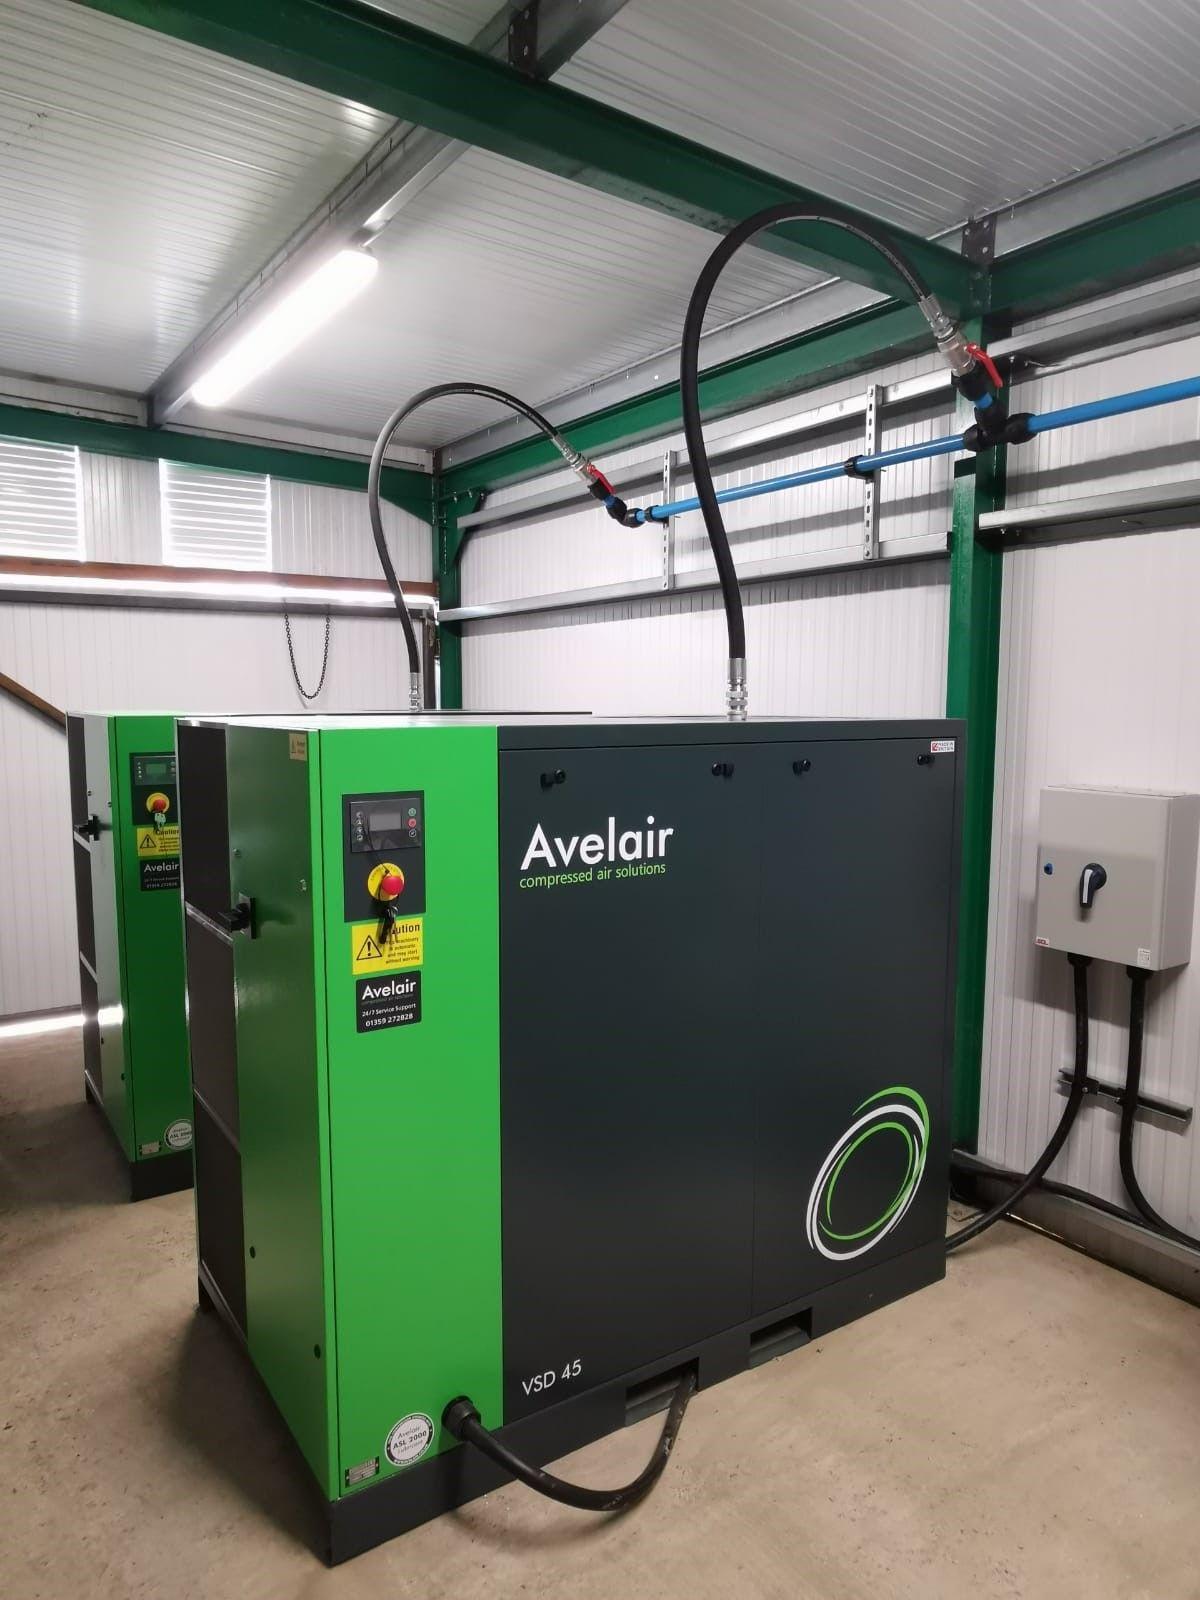 Avelair Ltd